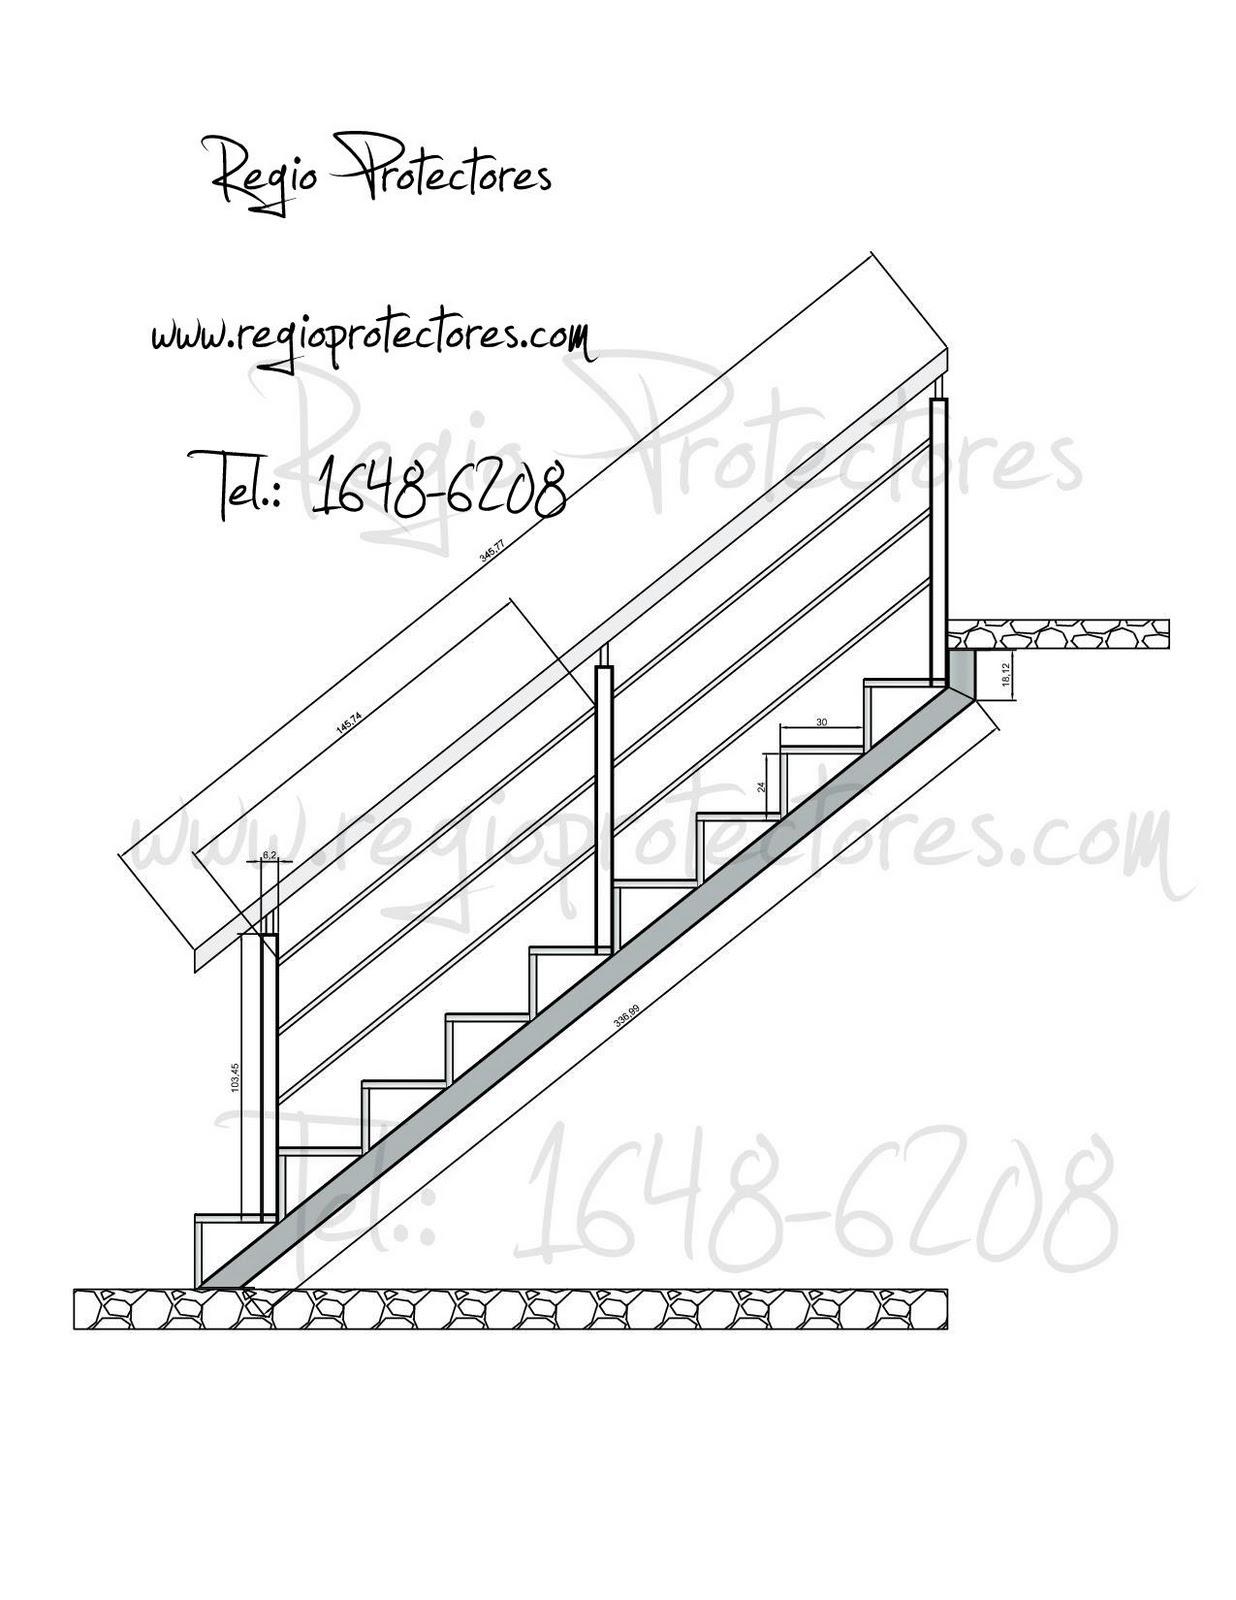 Disenos pasamanos para escaleras con fierro kamistad - Barandales de escaleras ...